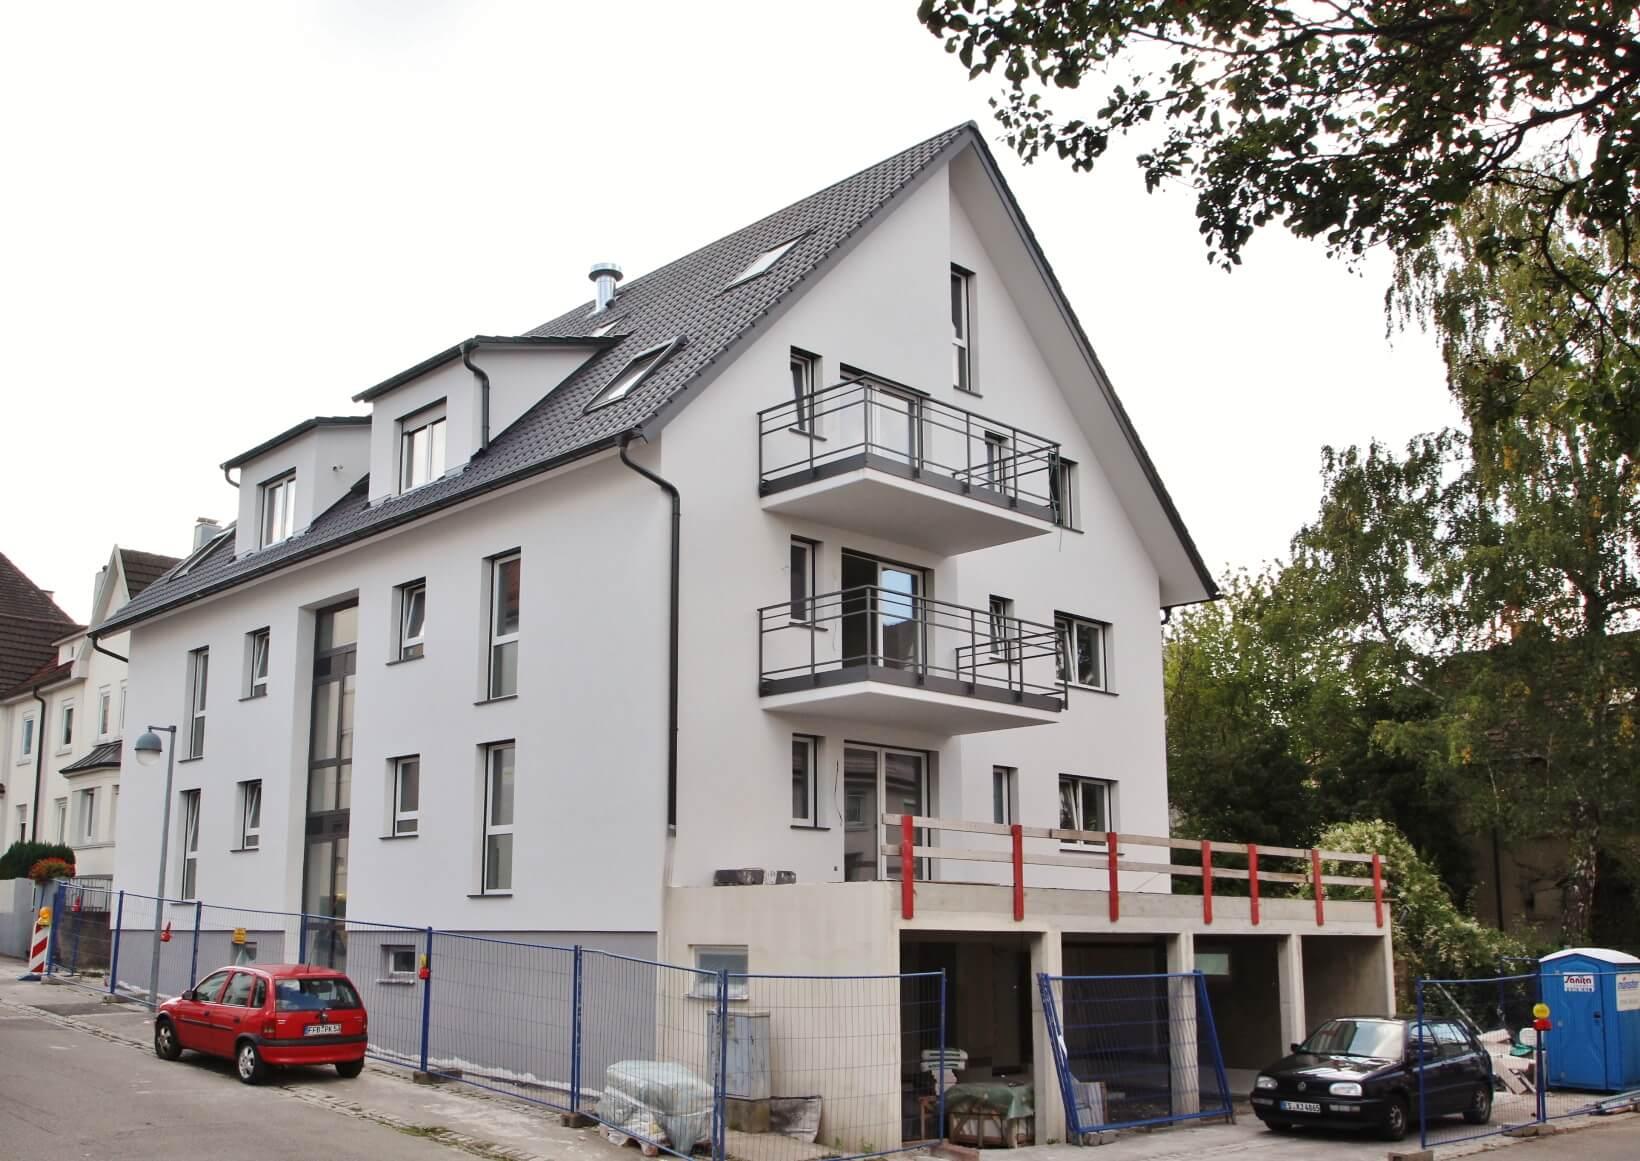 6 Neubauwohnungen in einem Mehrfamilienhaus in Kornwestheim